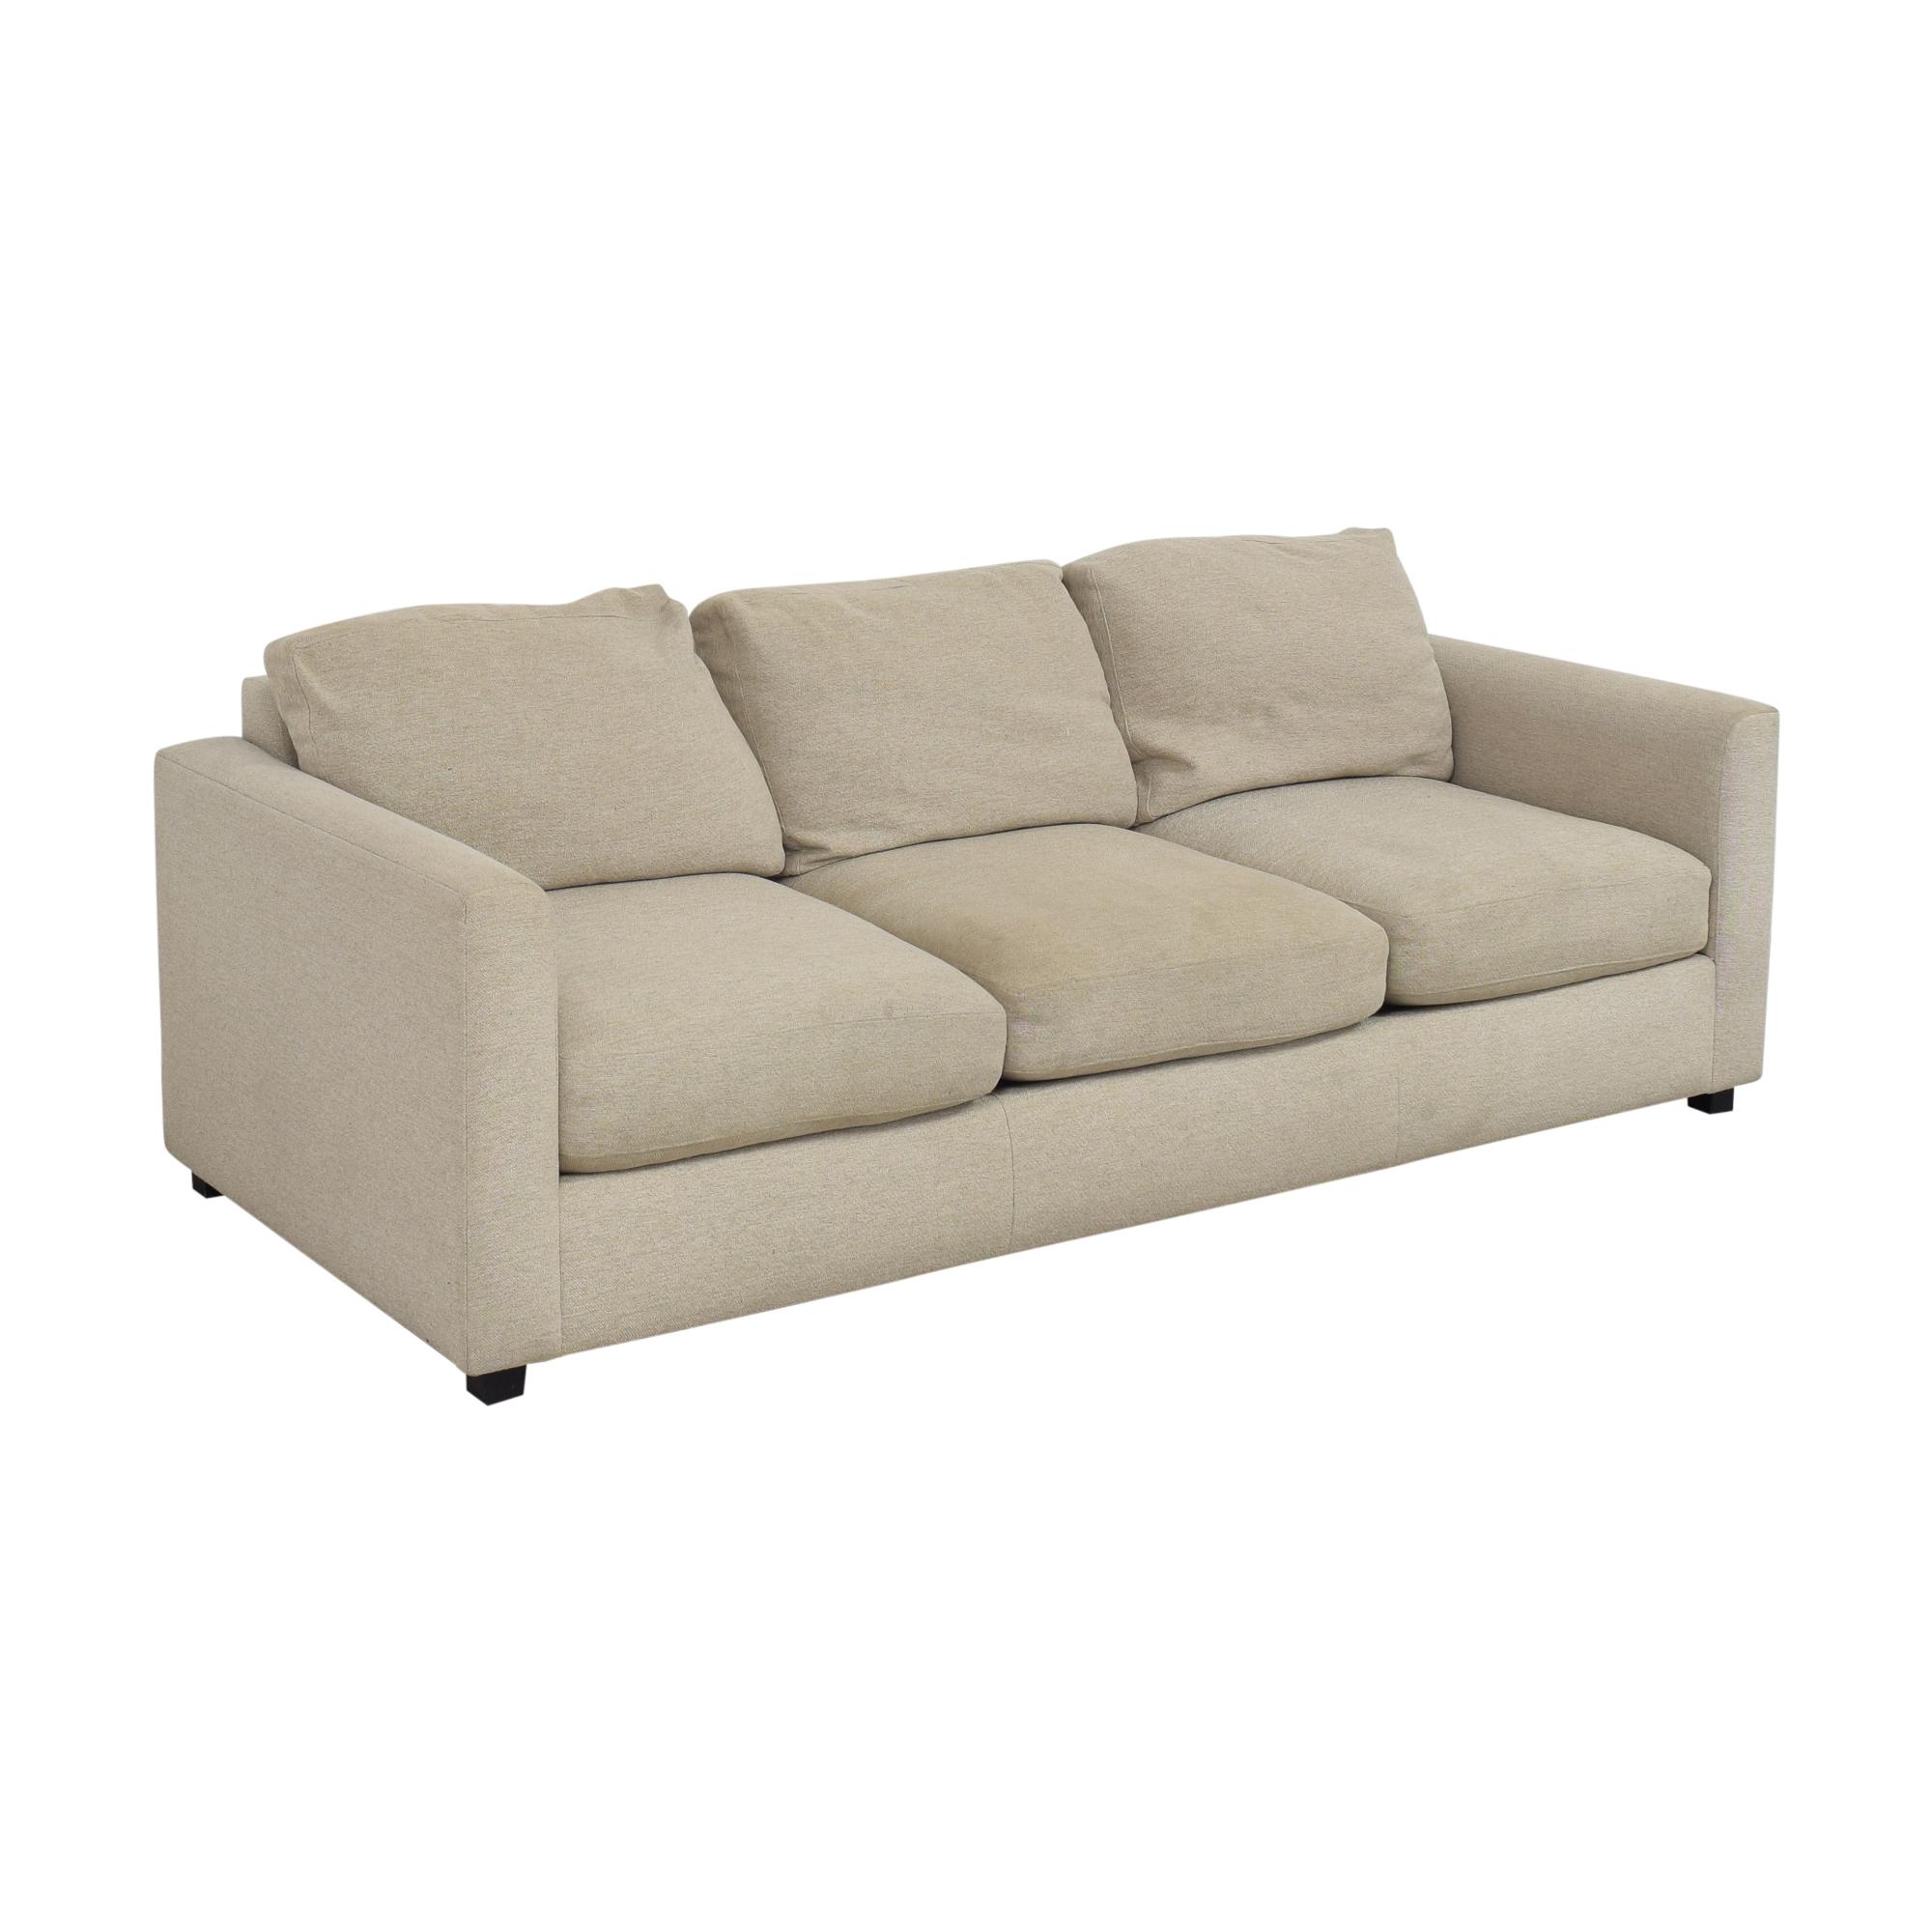 Room & Board Room & Board Three Cushion Sofa Sofas